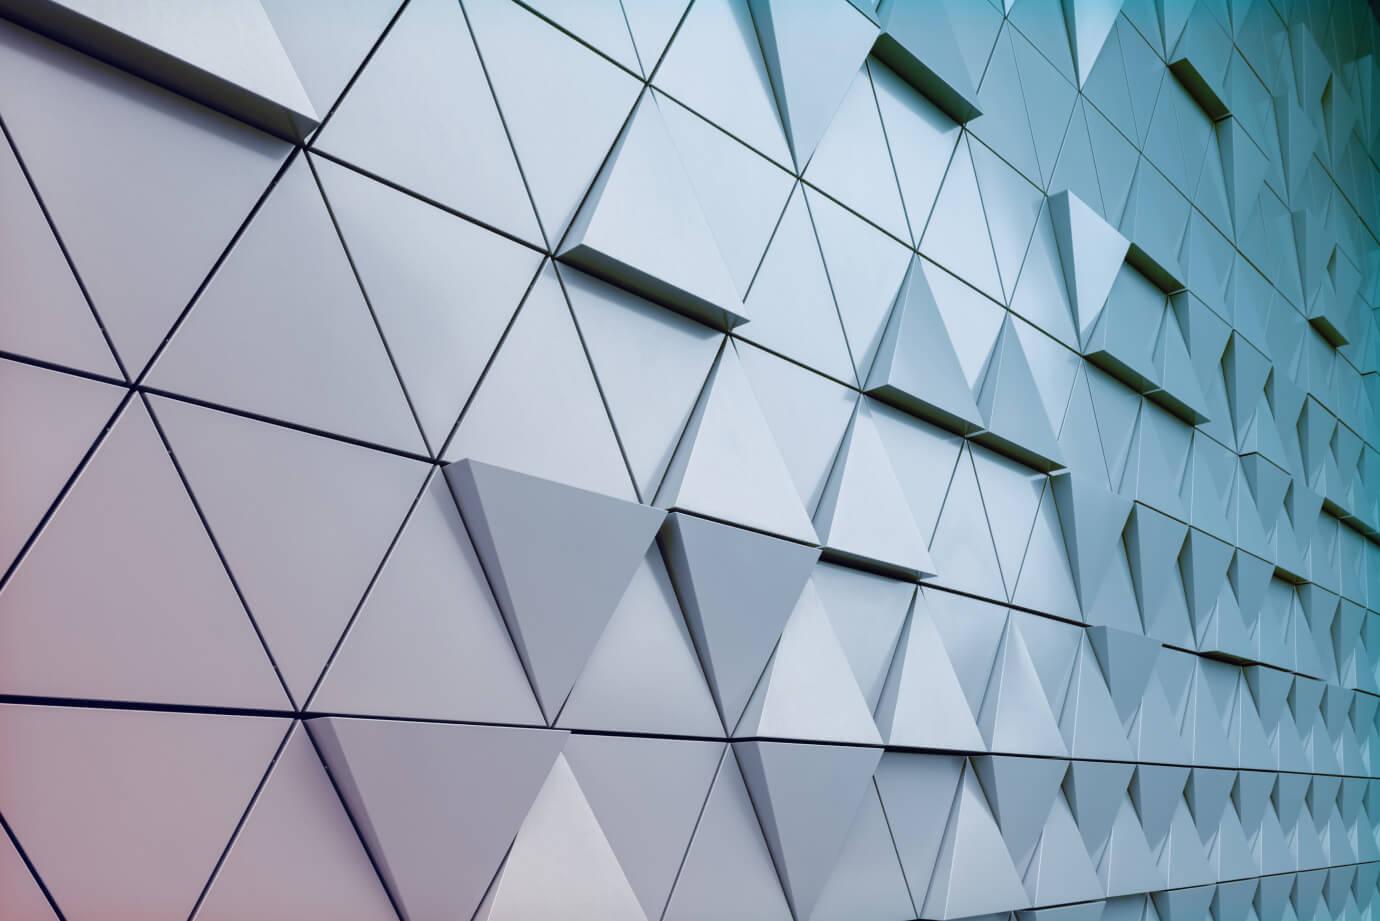 Architectural Facade 2